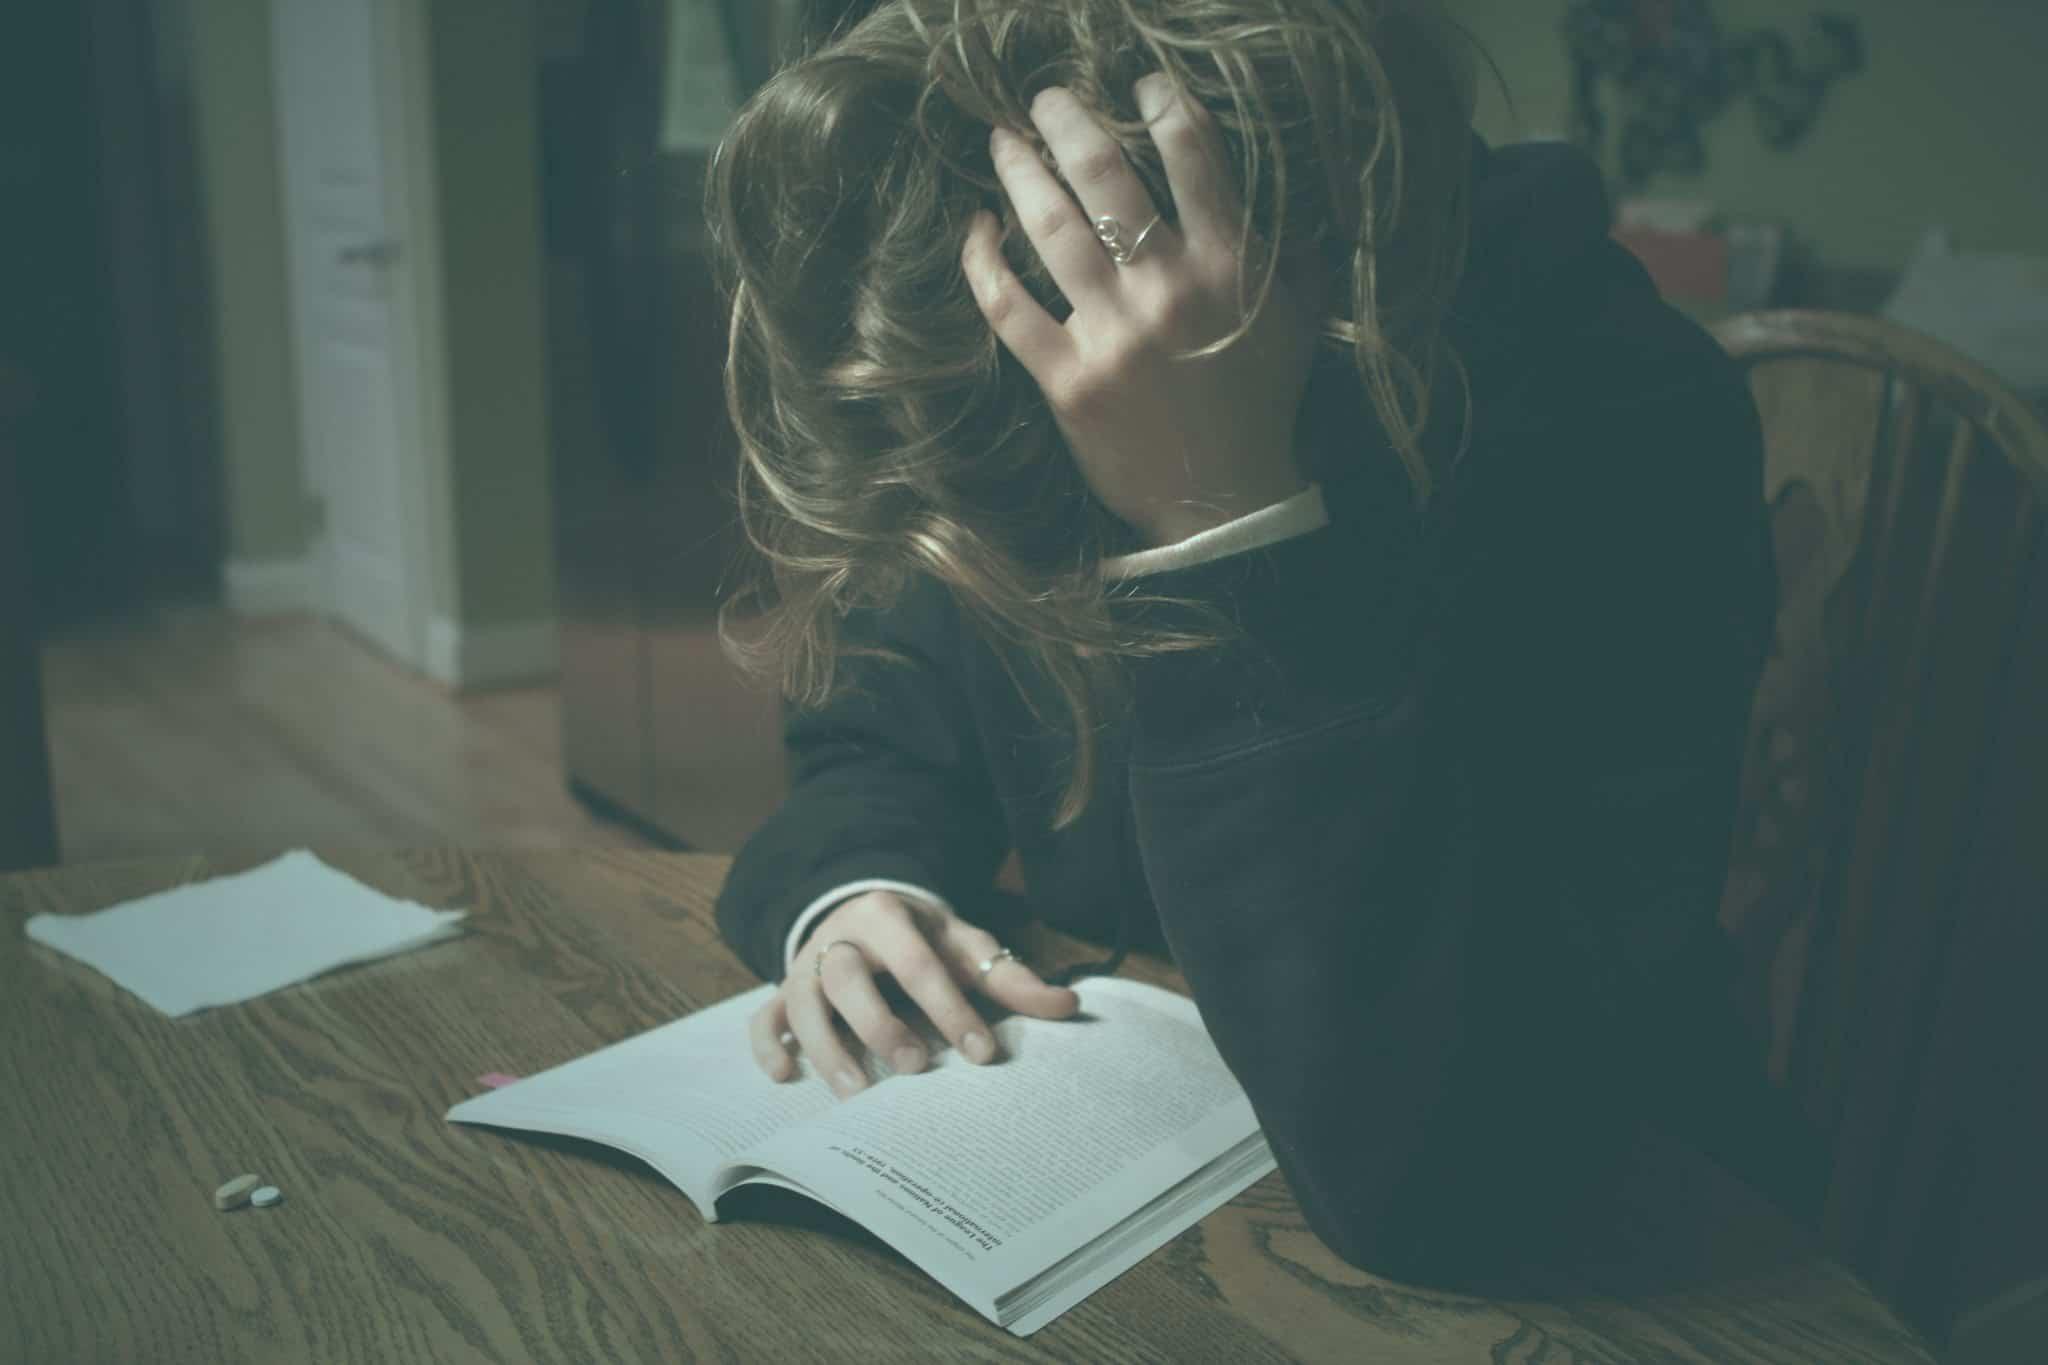 USMLE Step 1 Study Frustration